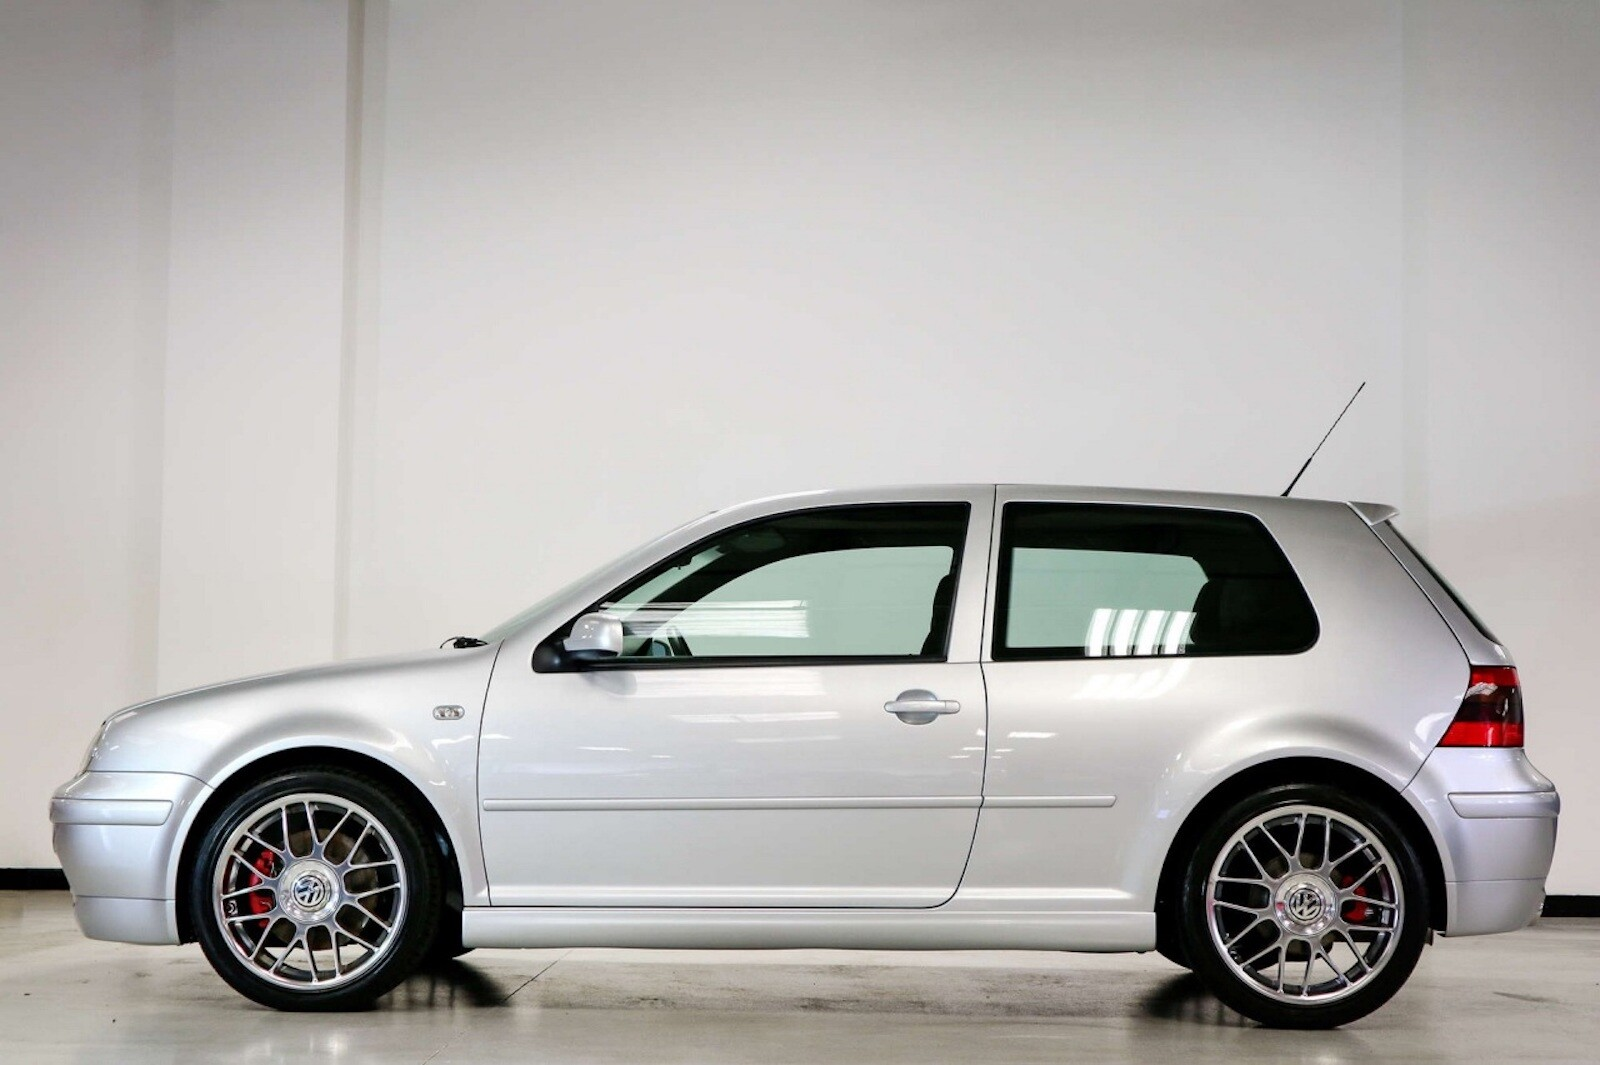 Foto de Volkswagen GTI MK4 25 aniversario a subasta (3/20)